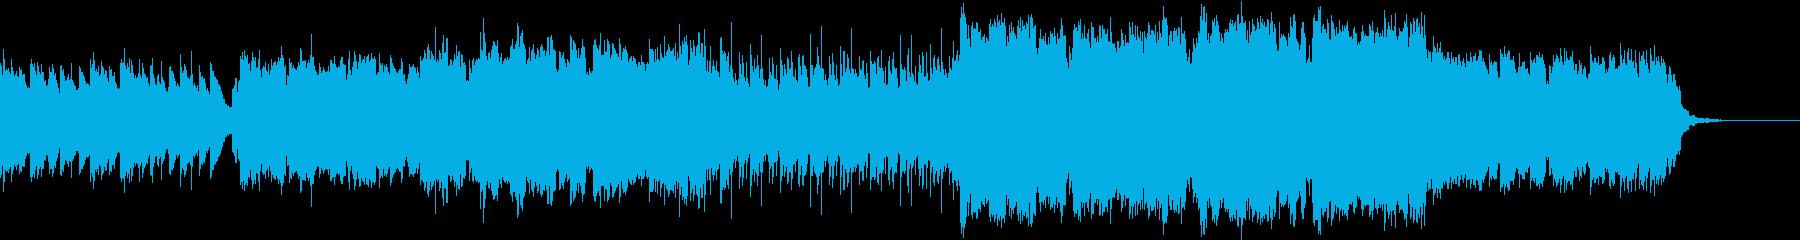 ケルト音楽/穏やか/小休止のシーンの再生済みの波形